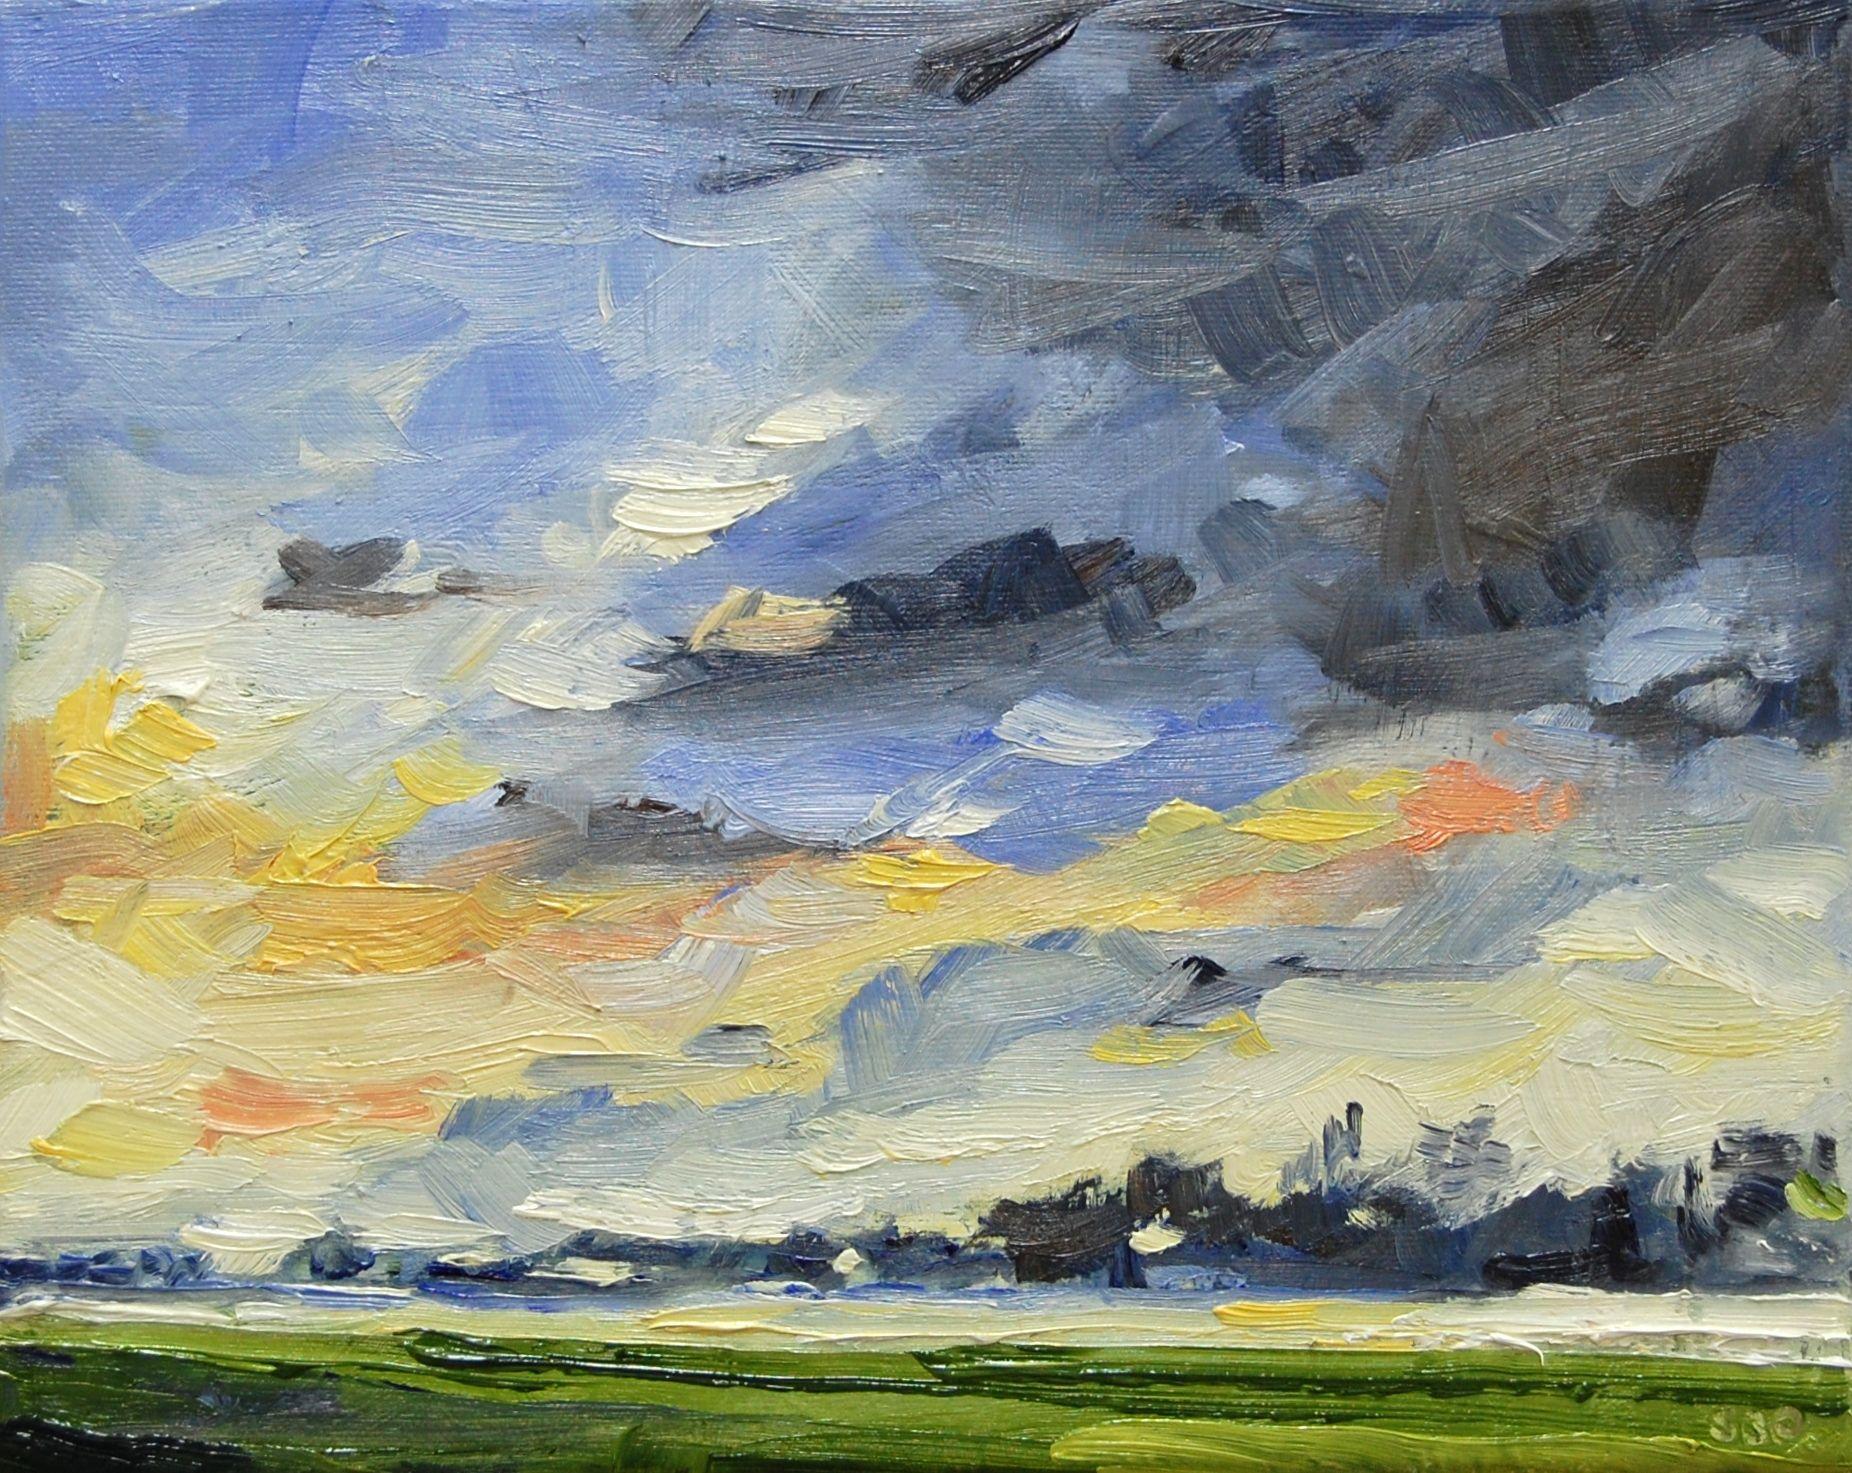 Evening Clouds Painting Art Landscape